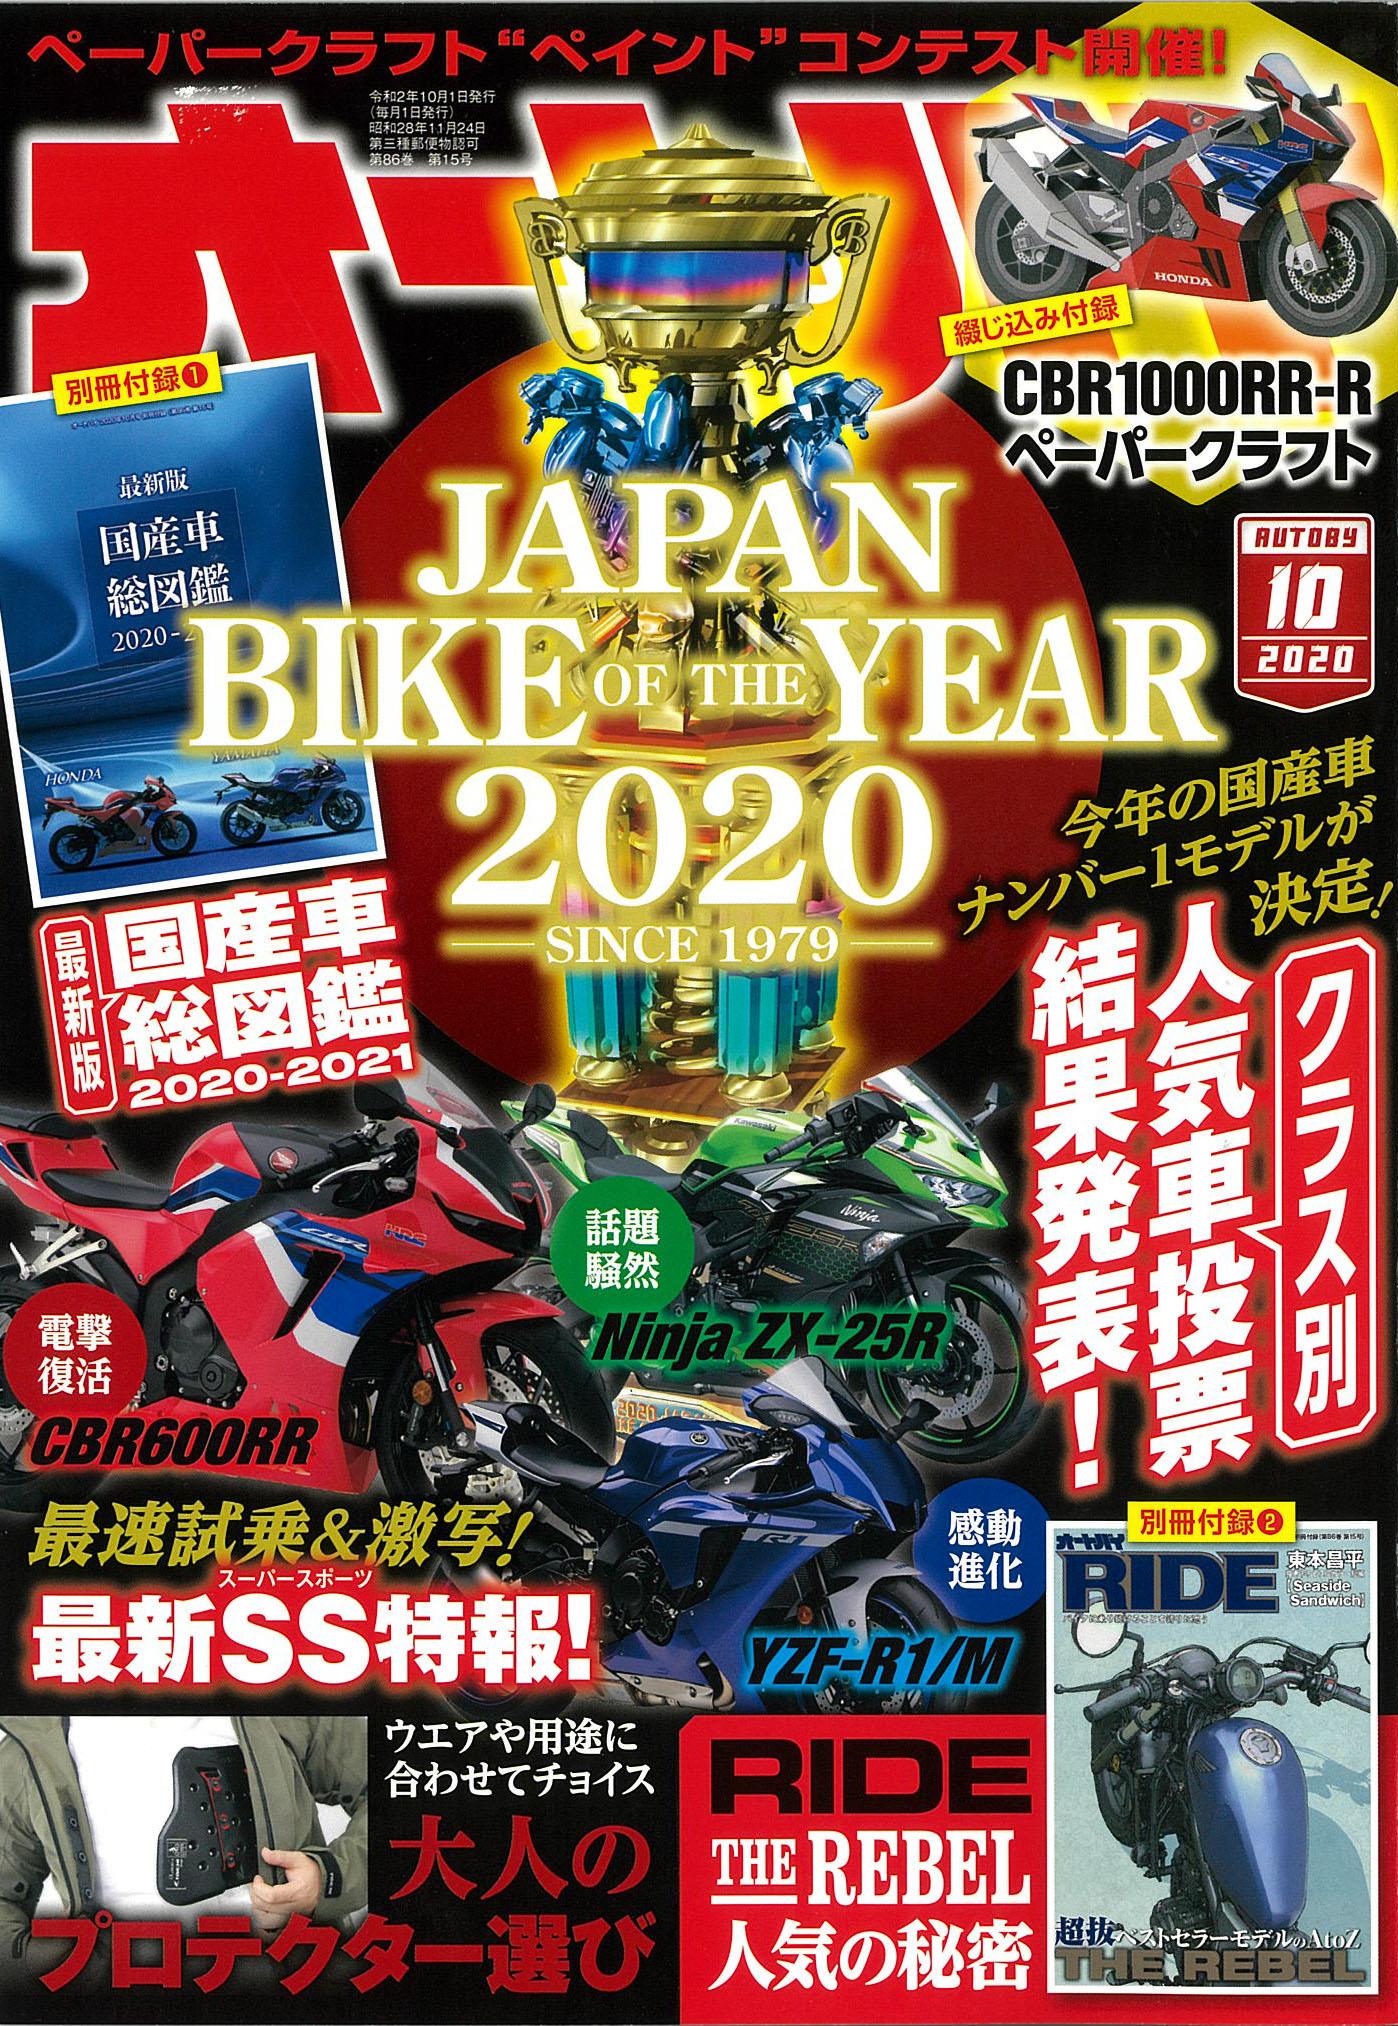 【オートバイ10月号掲載】SYM(エス・ワイ・エム)JOYMAX Z250